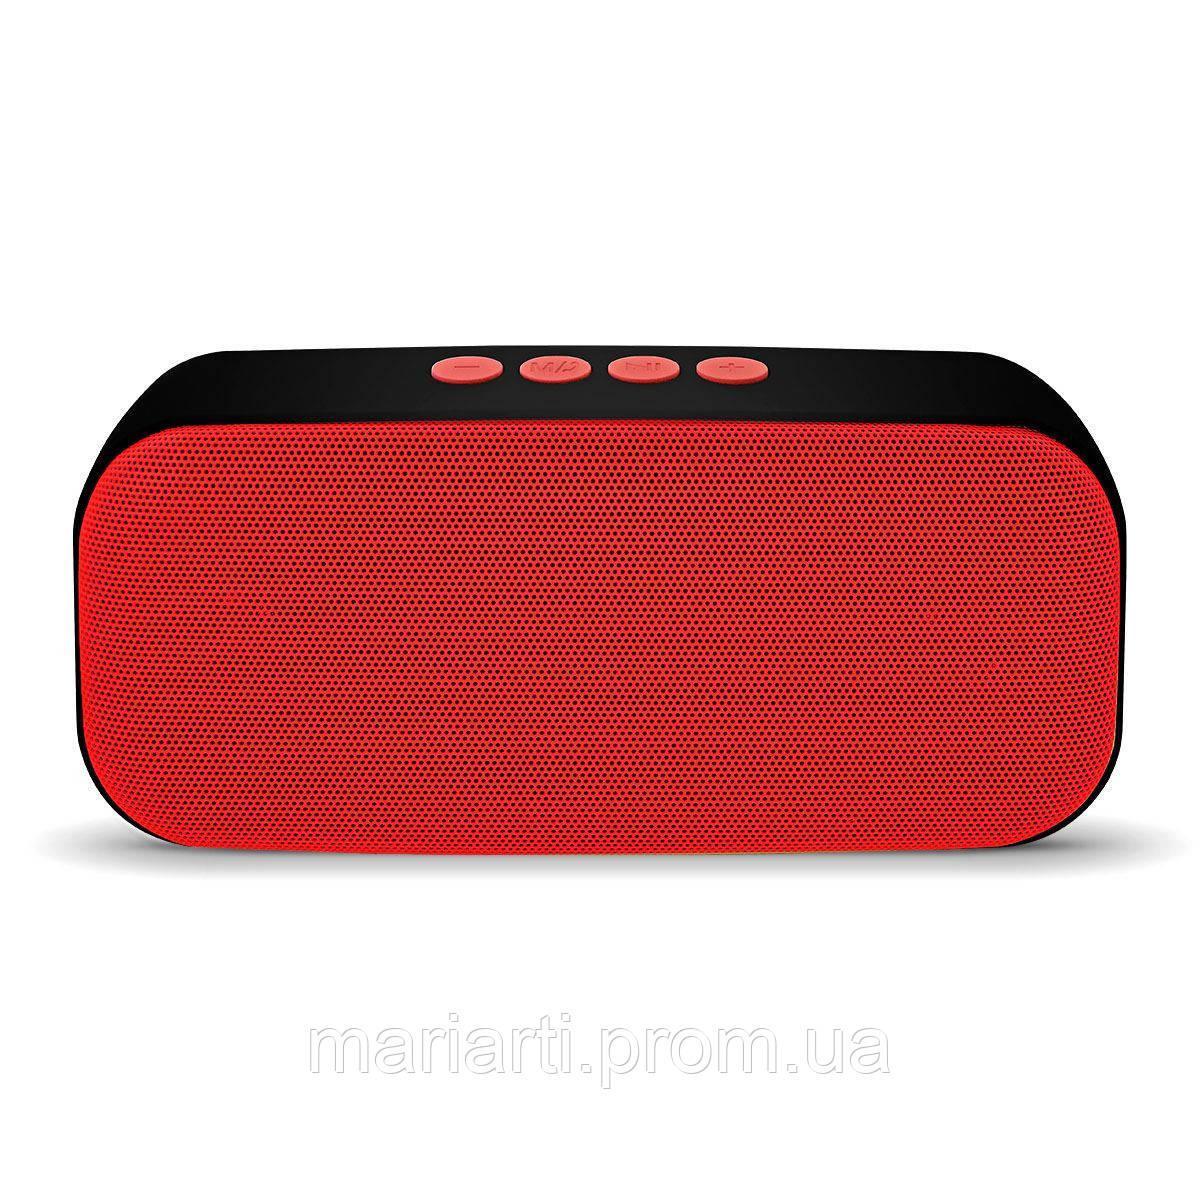 Портативная Bluetooth колонка HDY-555, Качество